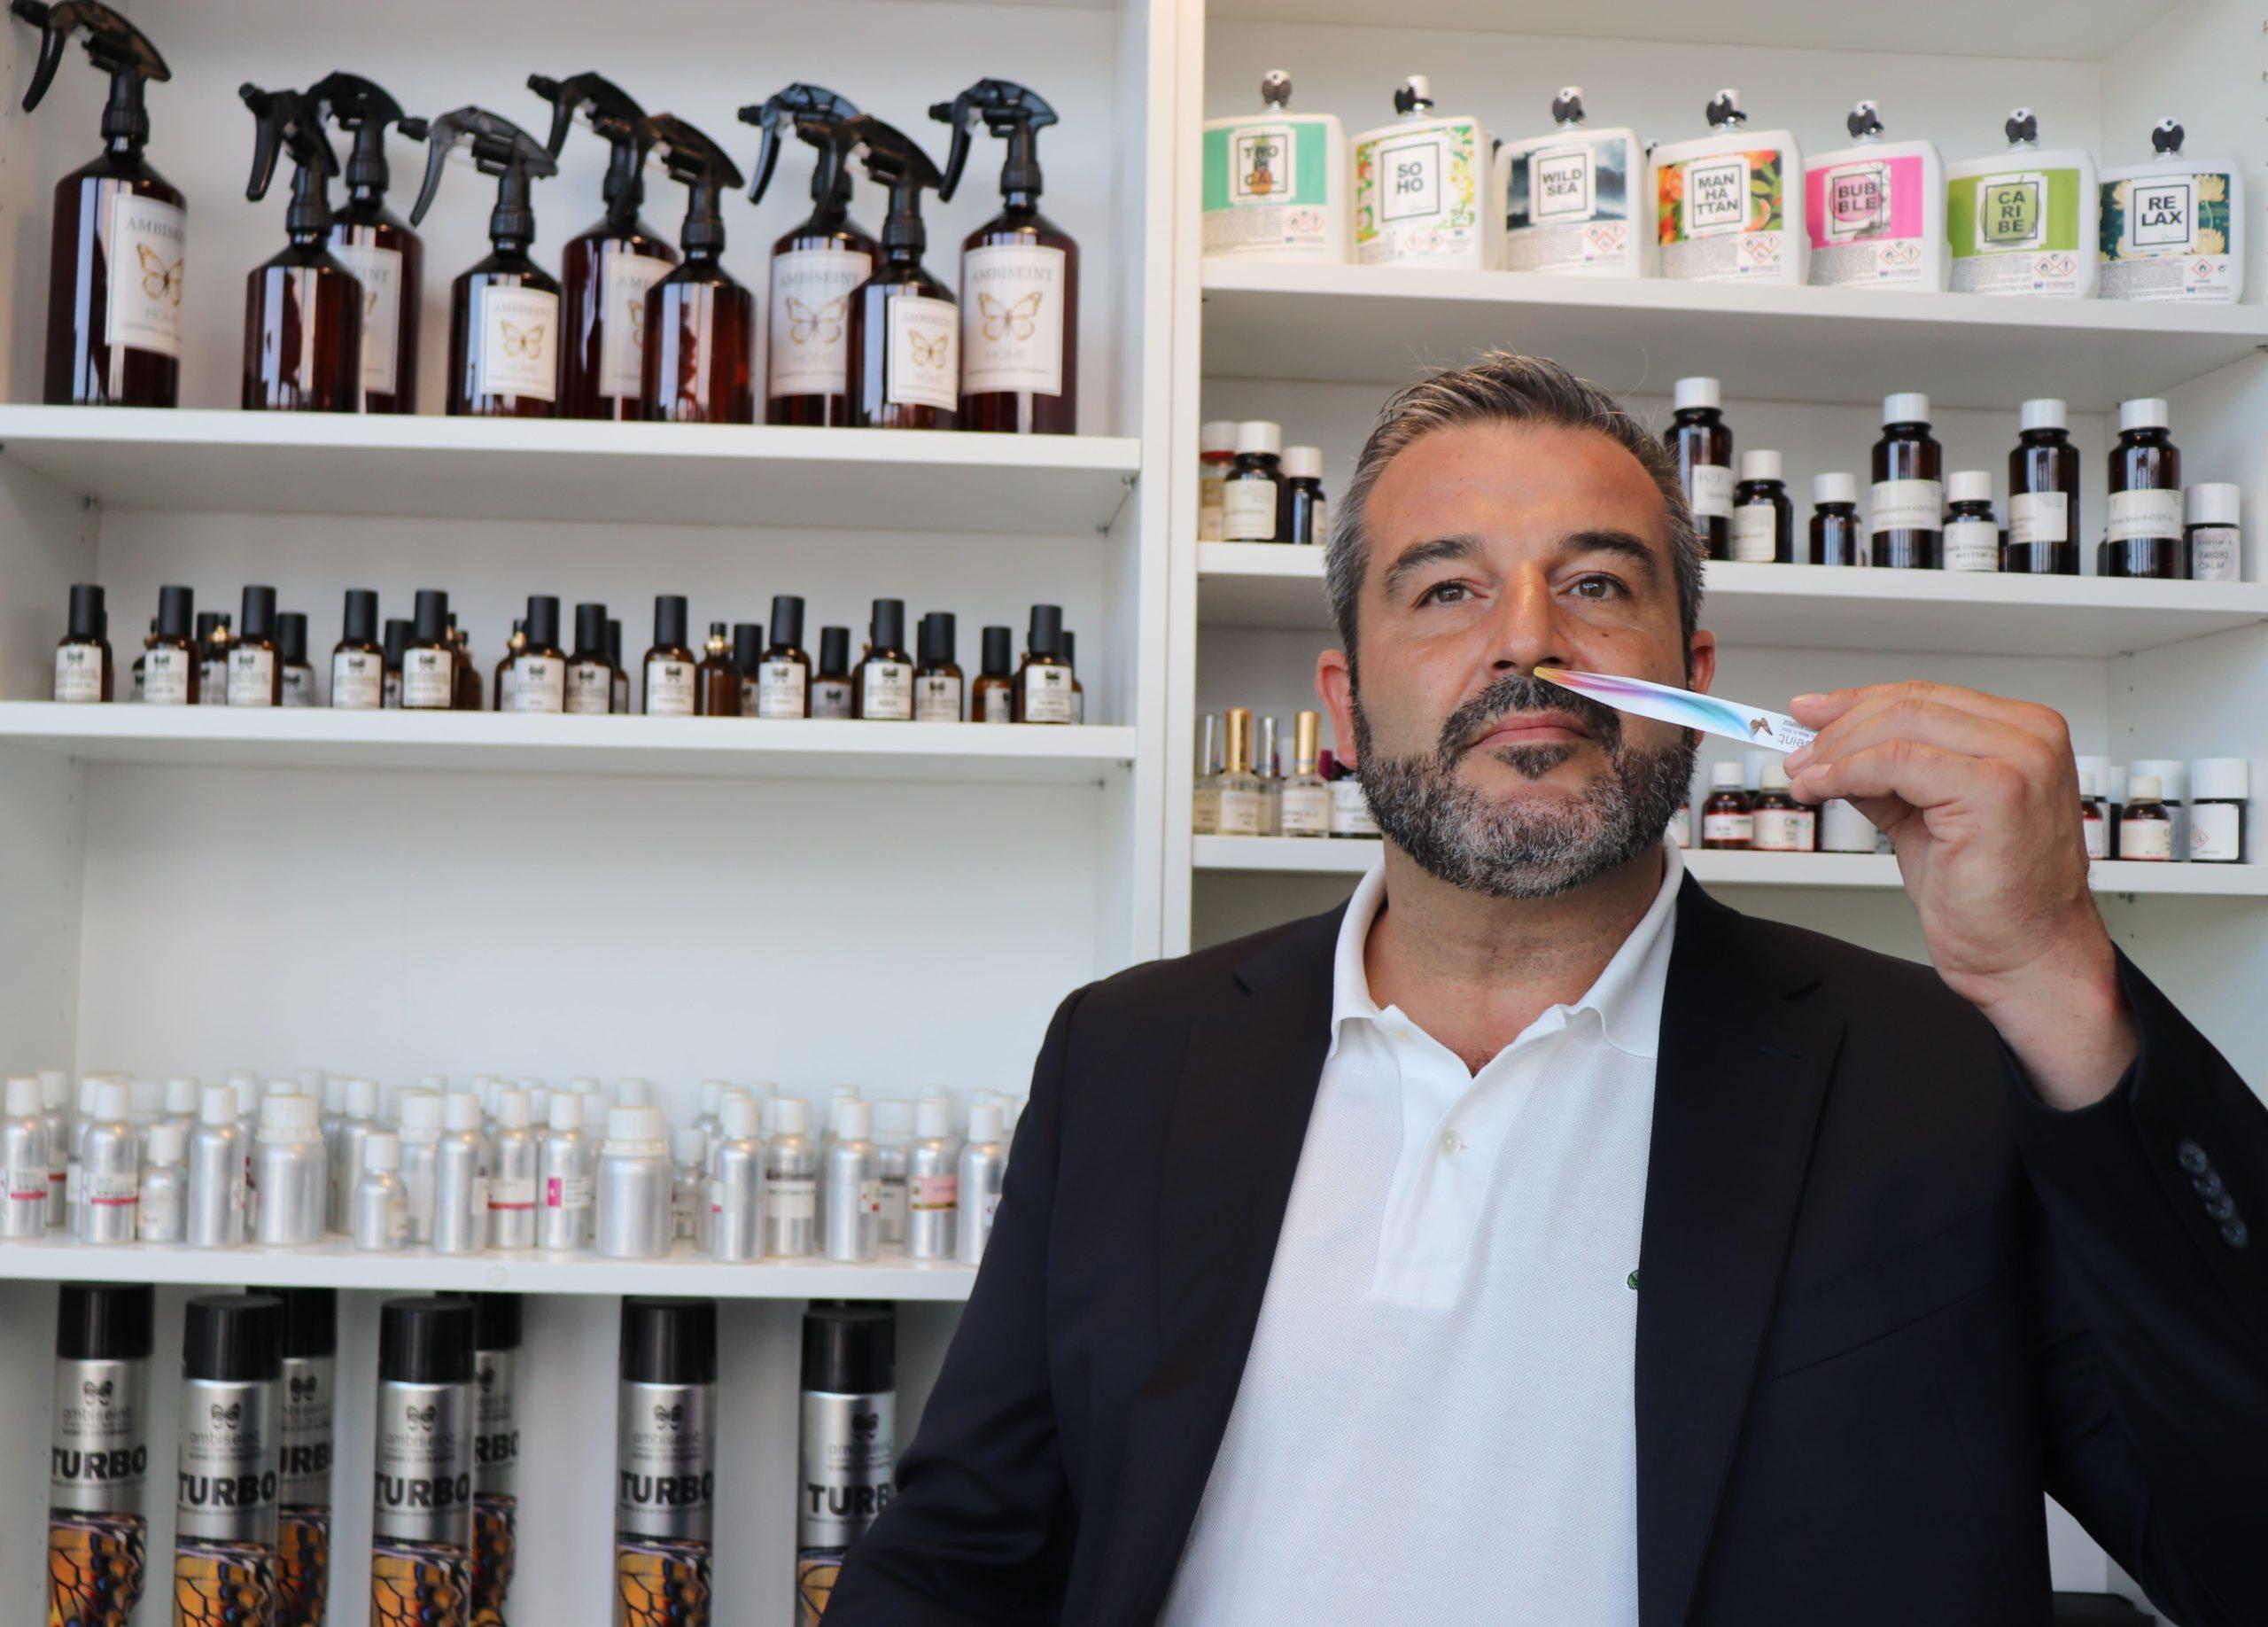 El Marketing Olfativo se impone en las empresas españolas después de la pandemia